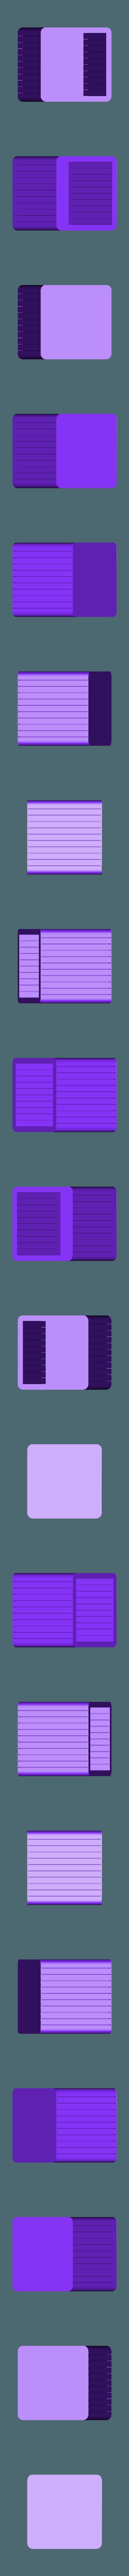 Lens_Cube_80x80-6rcb.stl Télécharger fichier SCAD gratuit Boîte en carton ondulé personnalisable • Design pour imprimante 3D, WalterHsiao